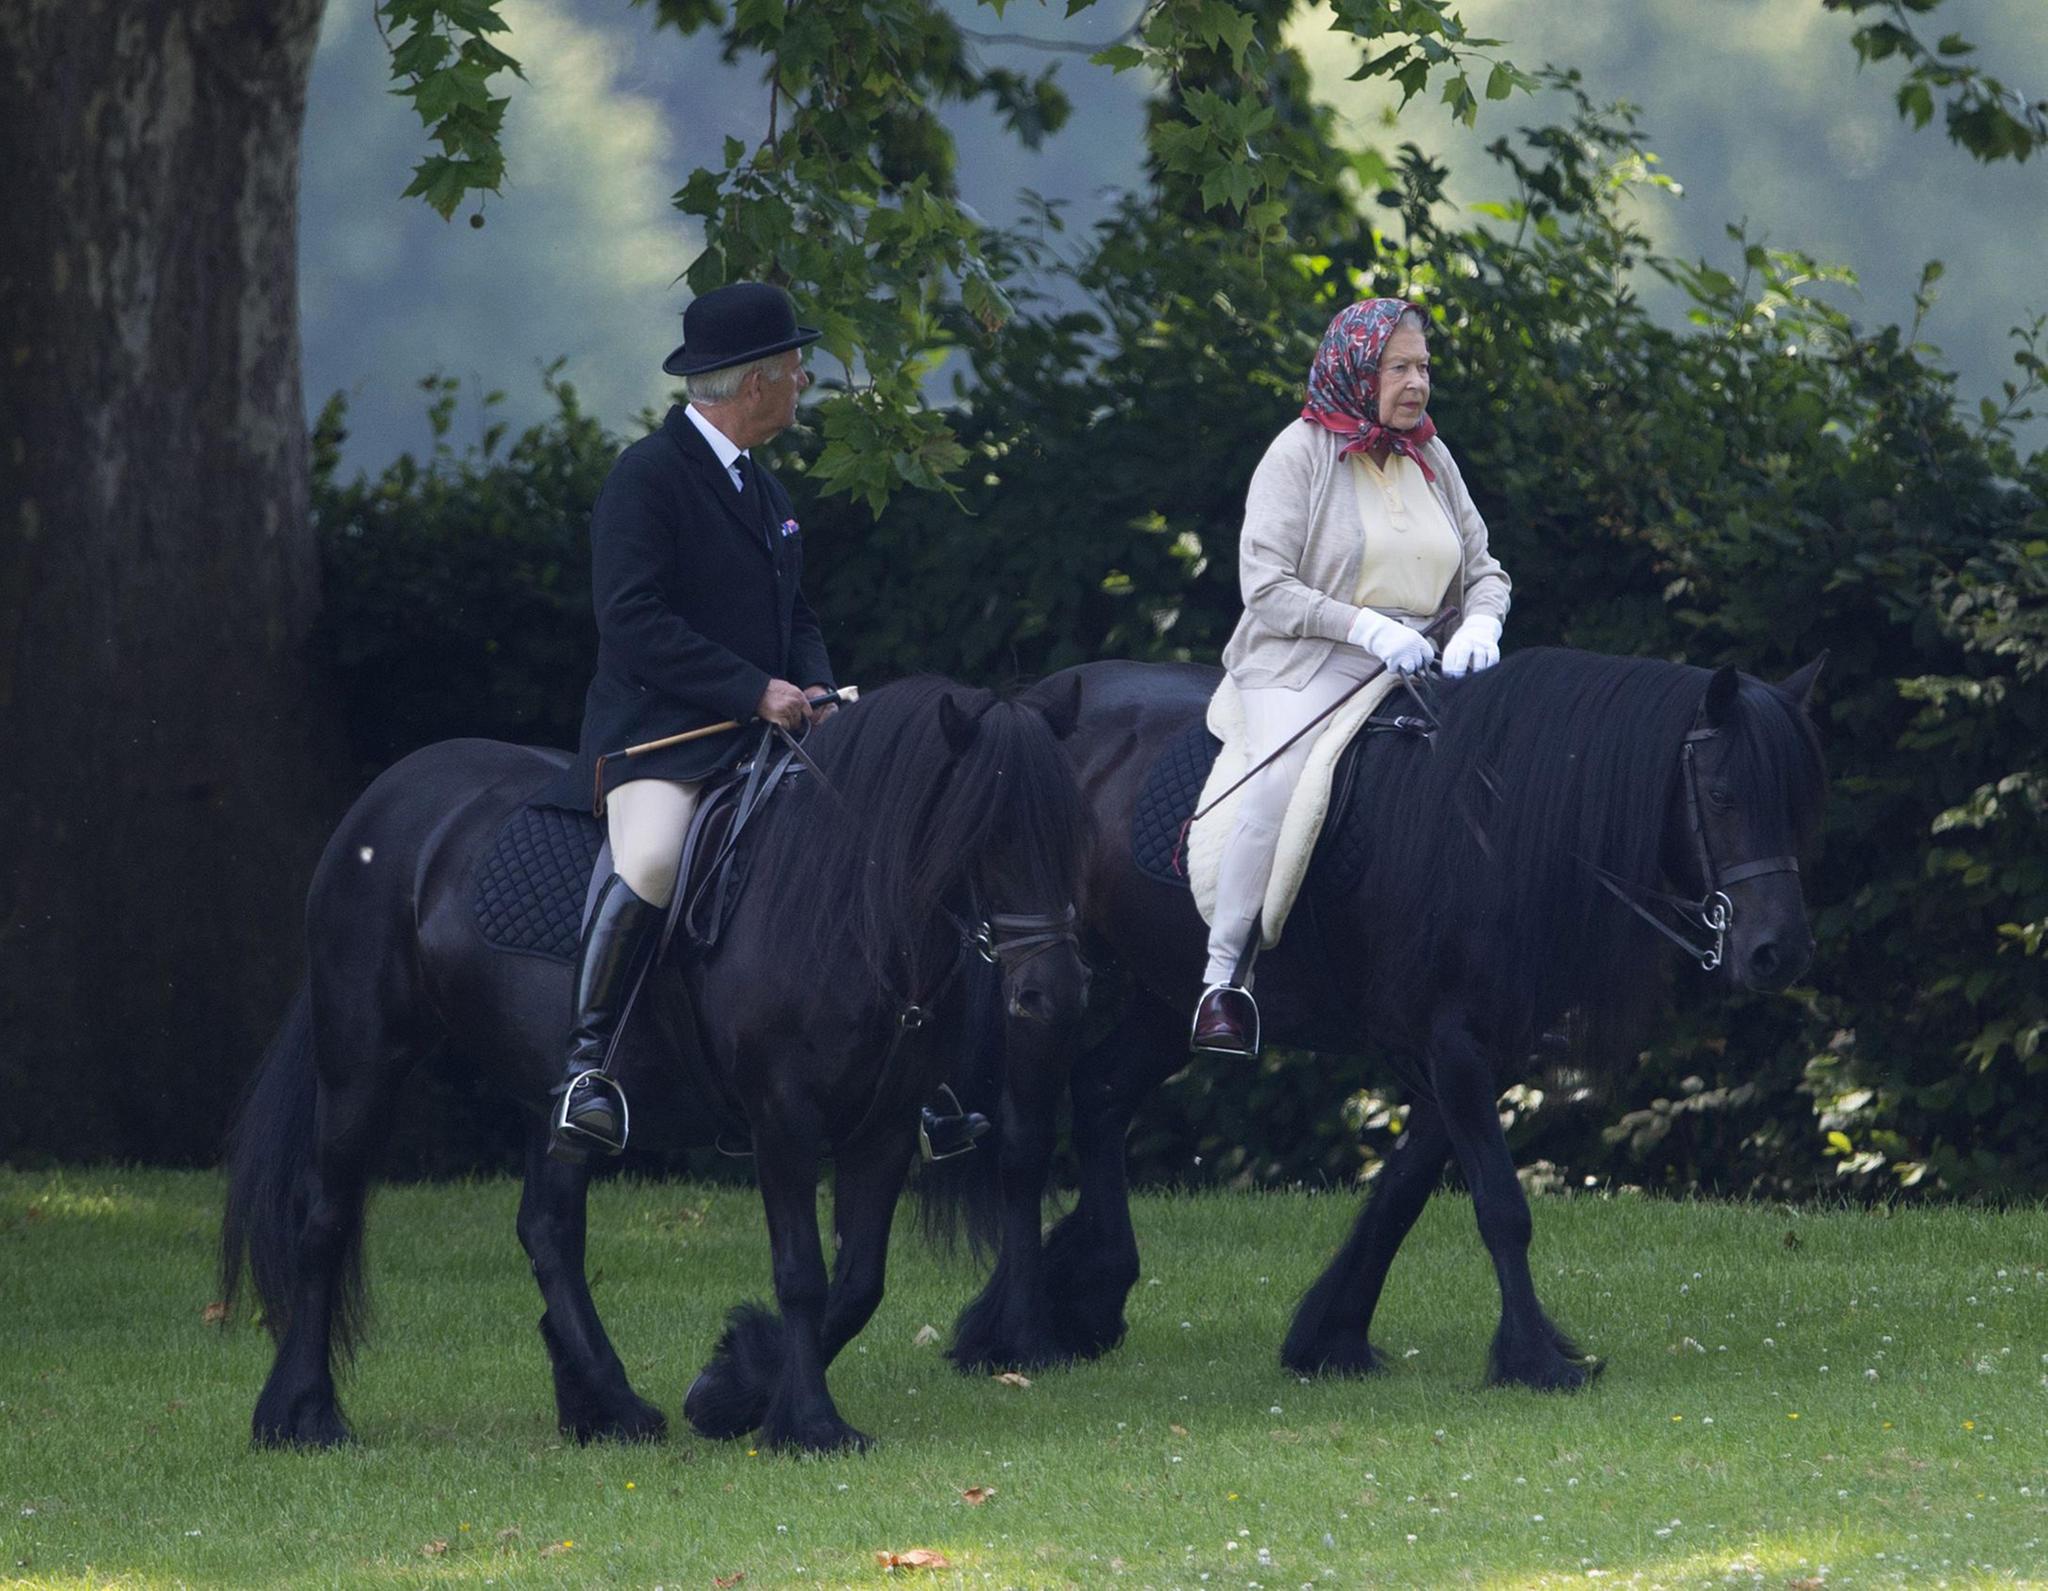 Archivbild: Auch mit über 90 setzt die Queen noch auf regelmäßige Ausritte. Besonders gerne in Begleitung ihres obersten Stallknechts Terry Pendry, der sie auch zum Zeitpunkt der Geburt begleitete.